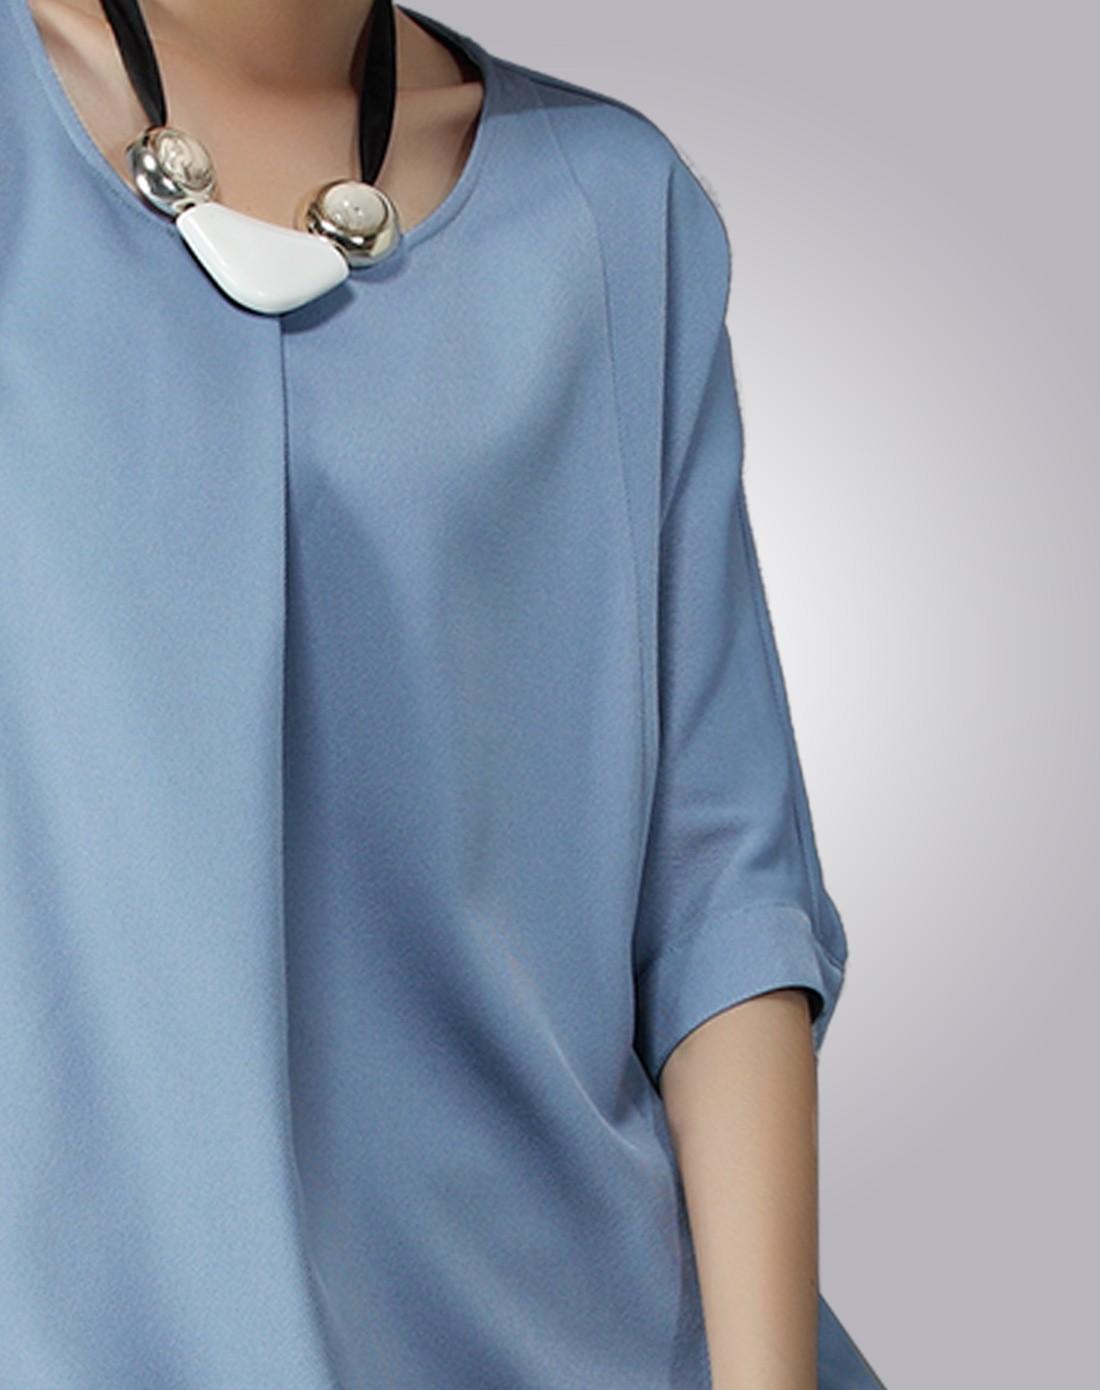 女蓝色连衣裙